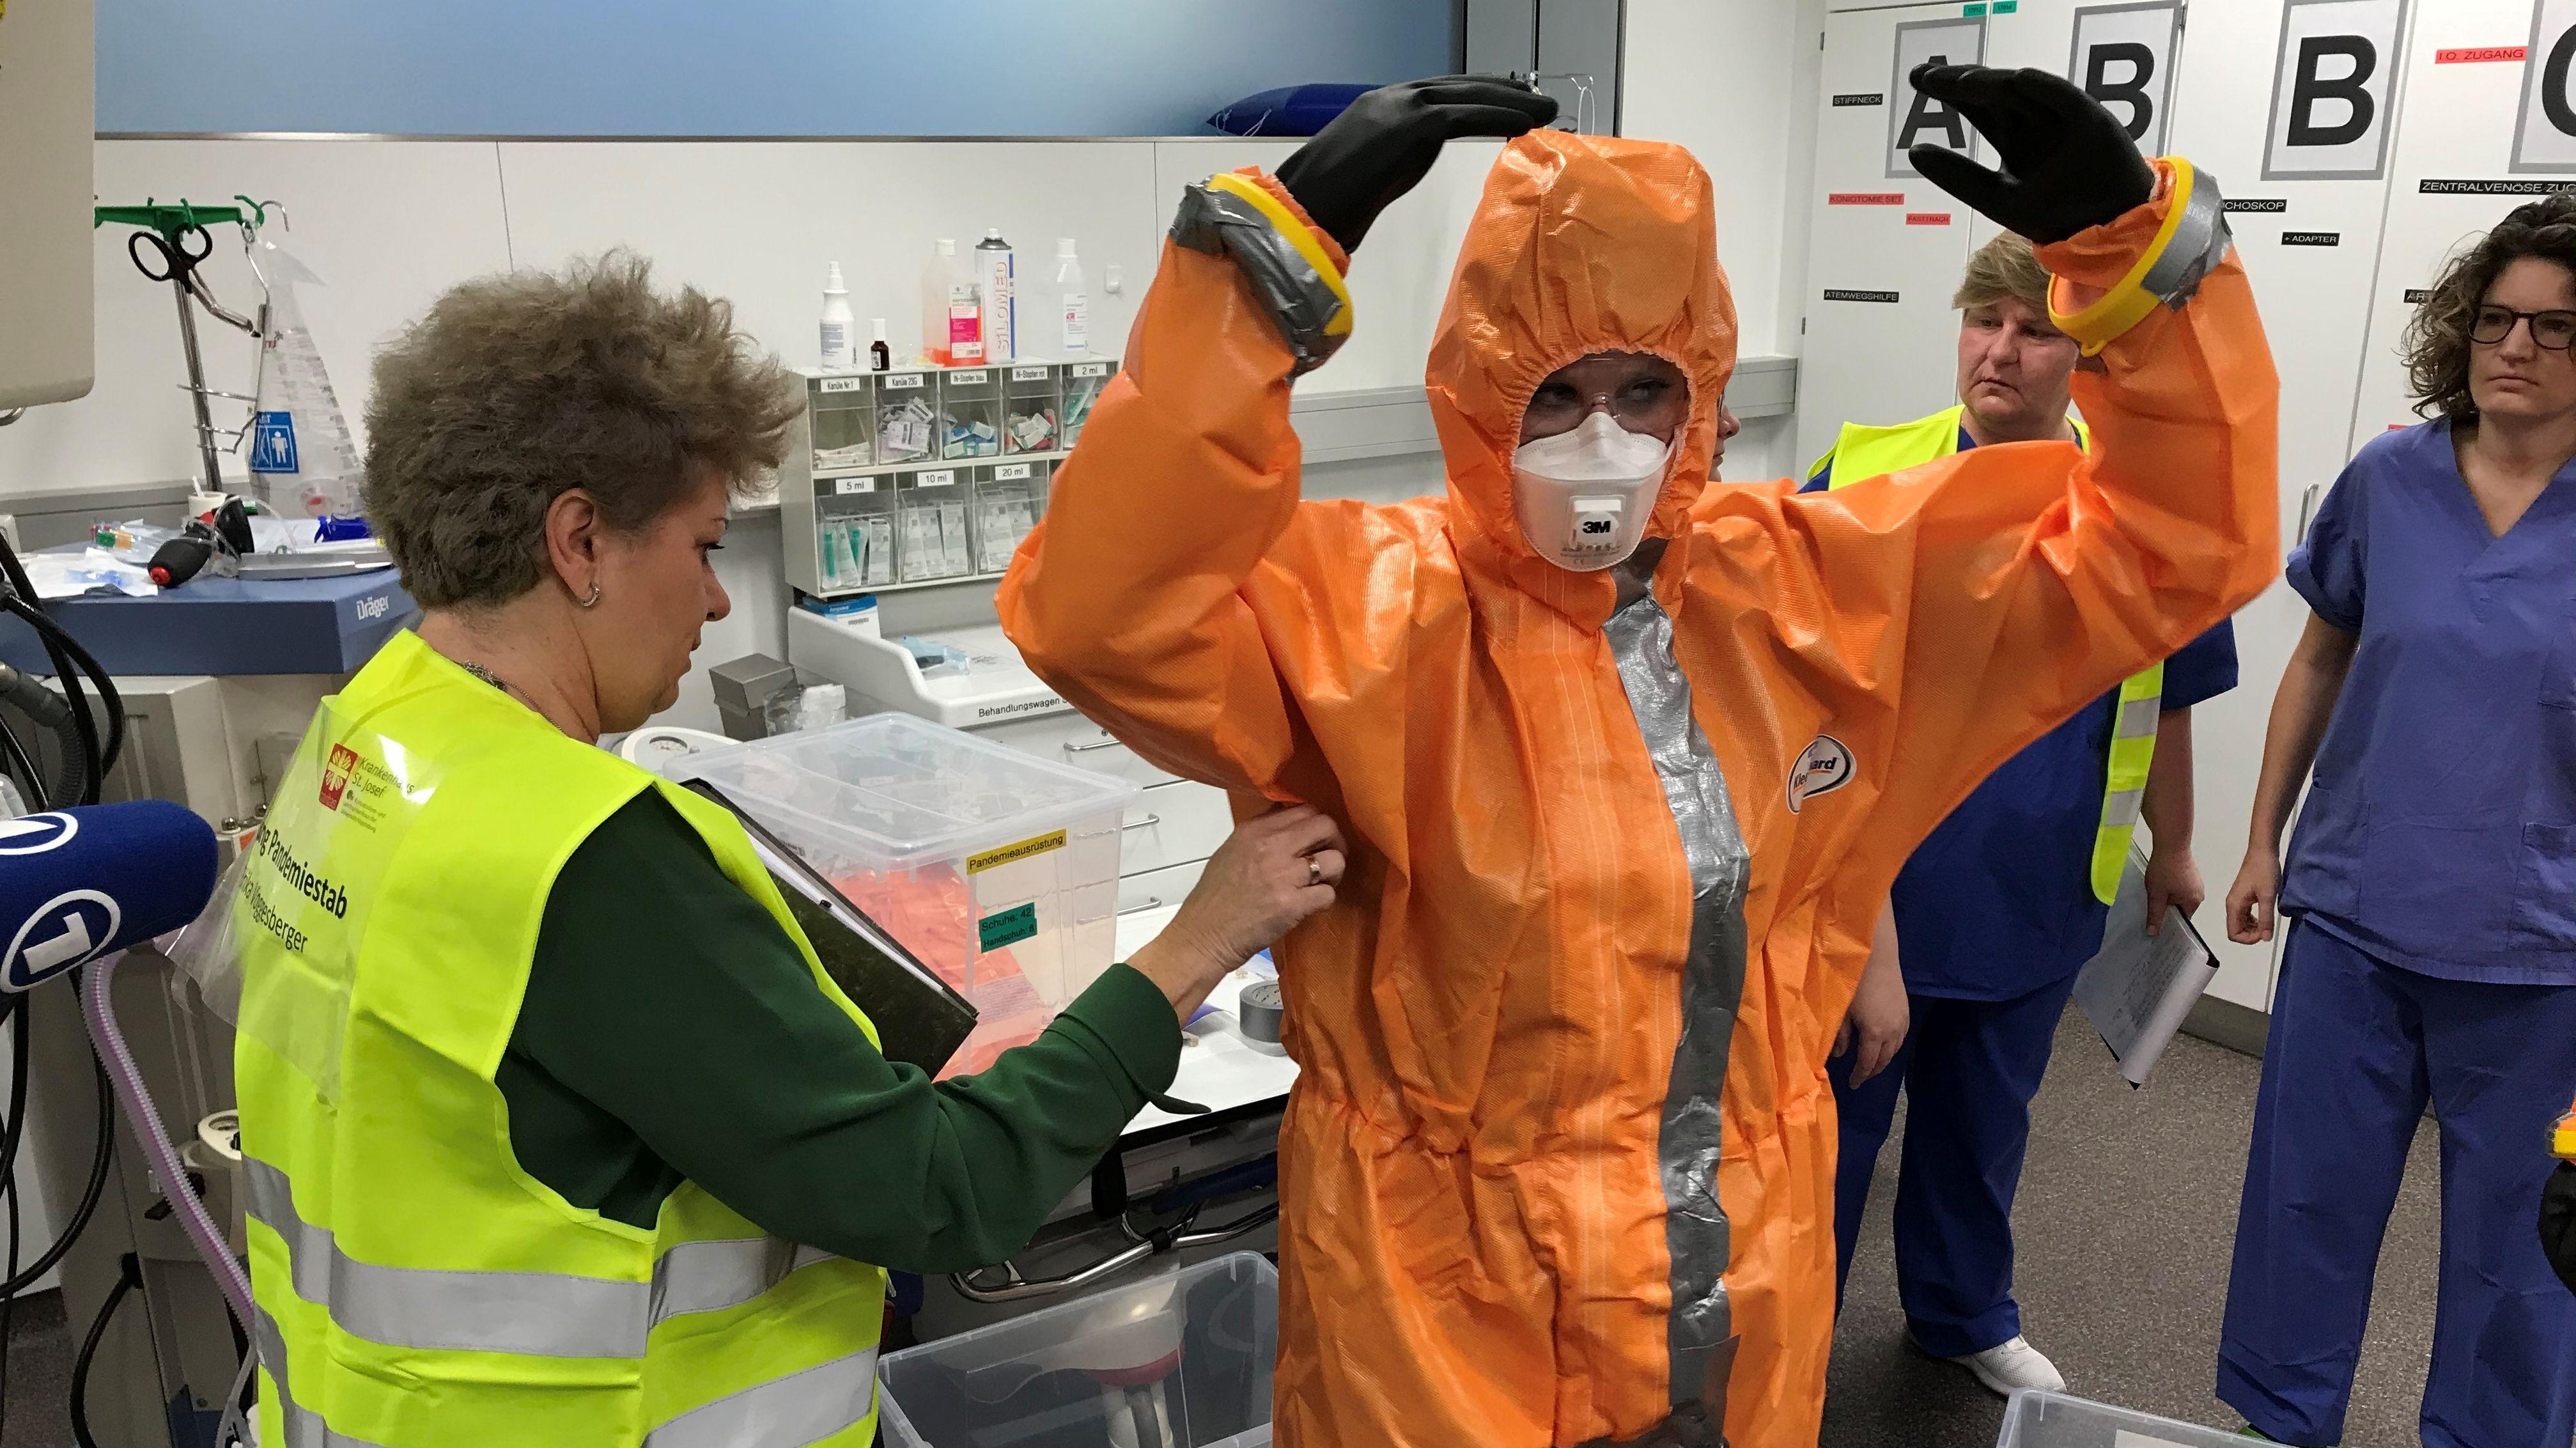 Die Mitarbeiter müssen Seuchenschutzanzüge anlegen